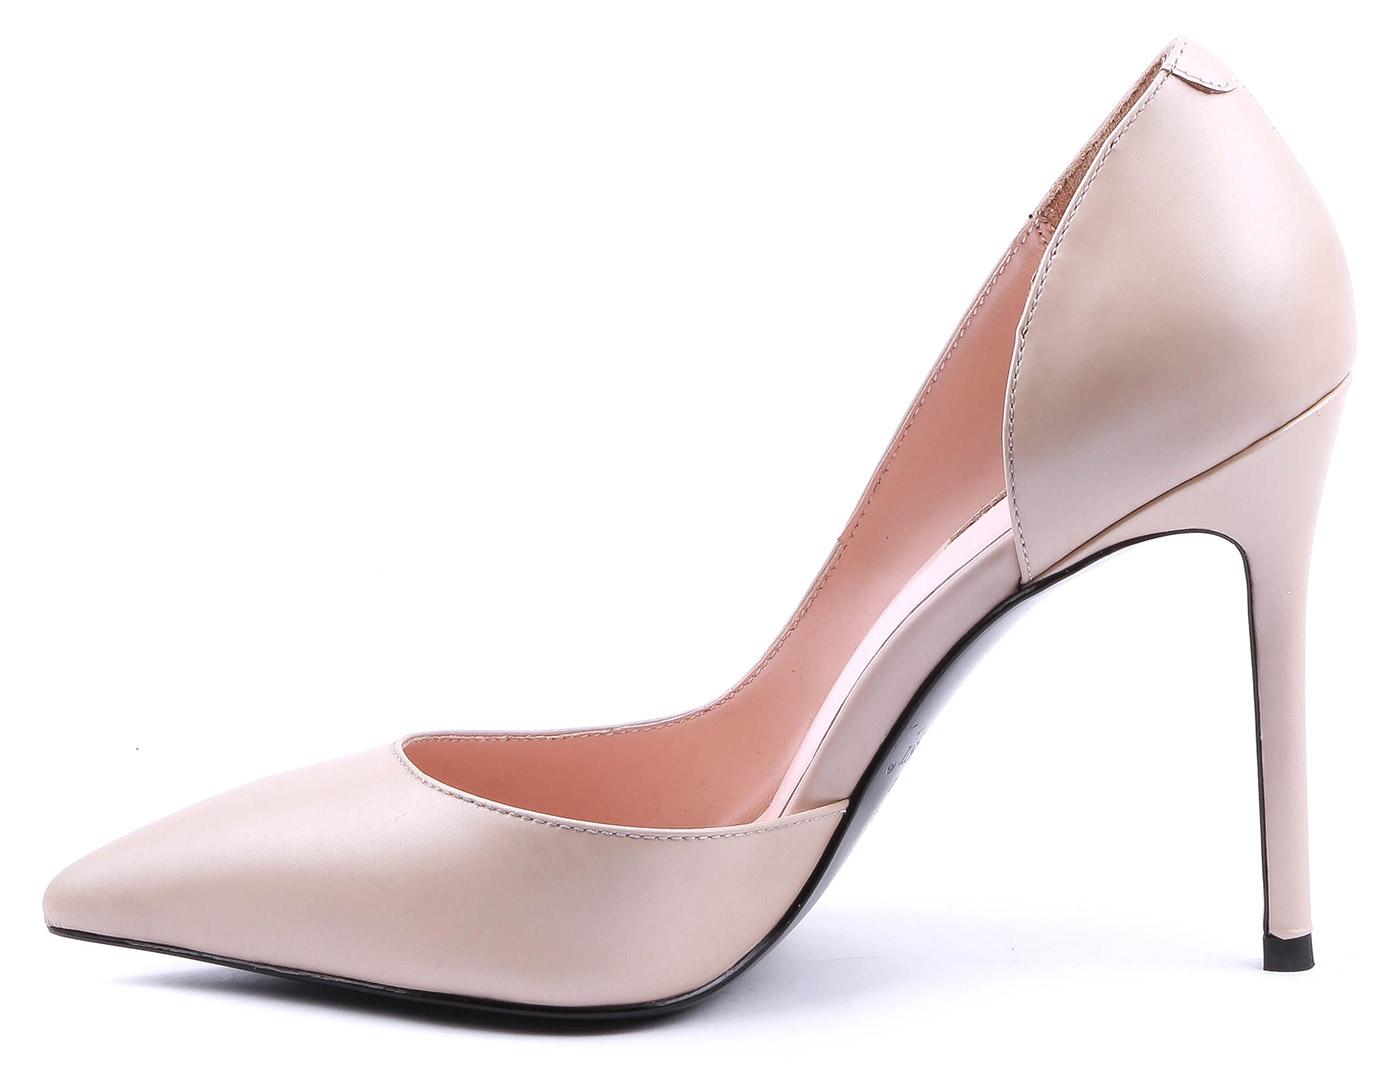 Купить мужскую одежду и обувь в интернет магазине Lamodaua